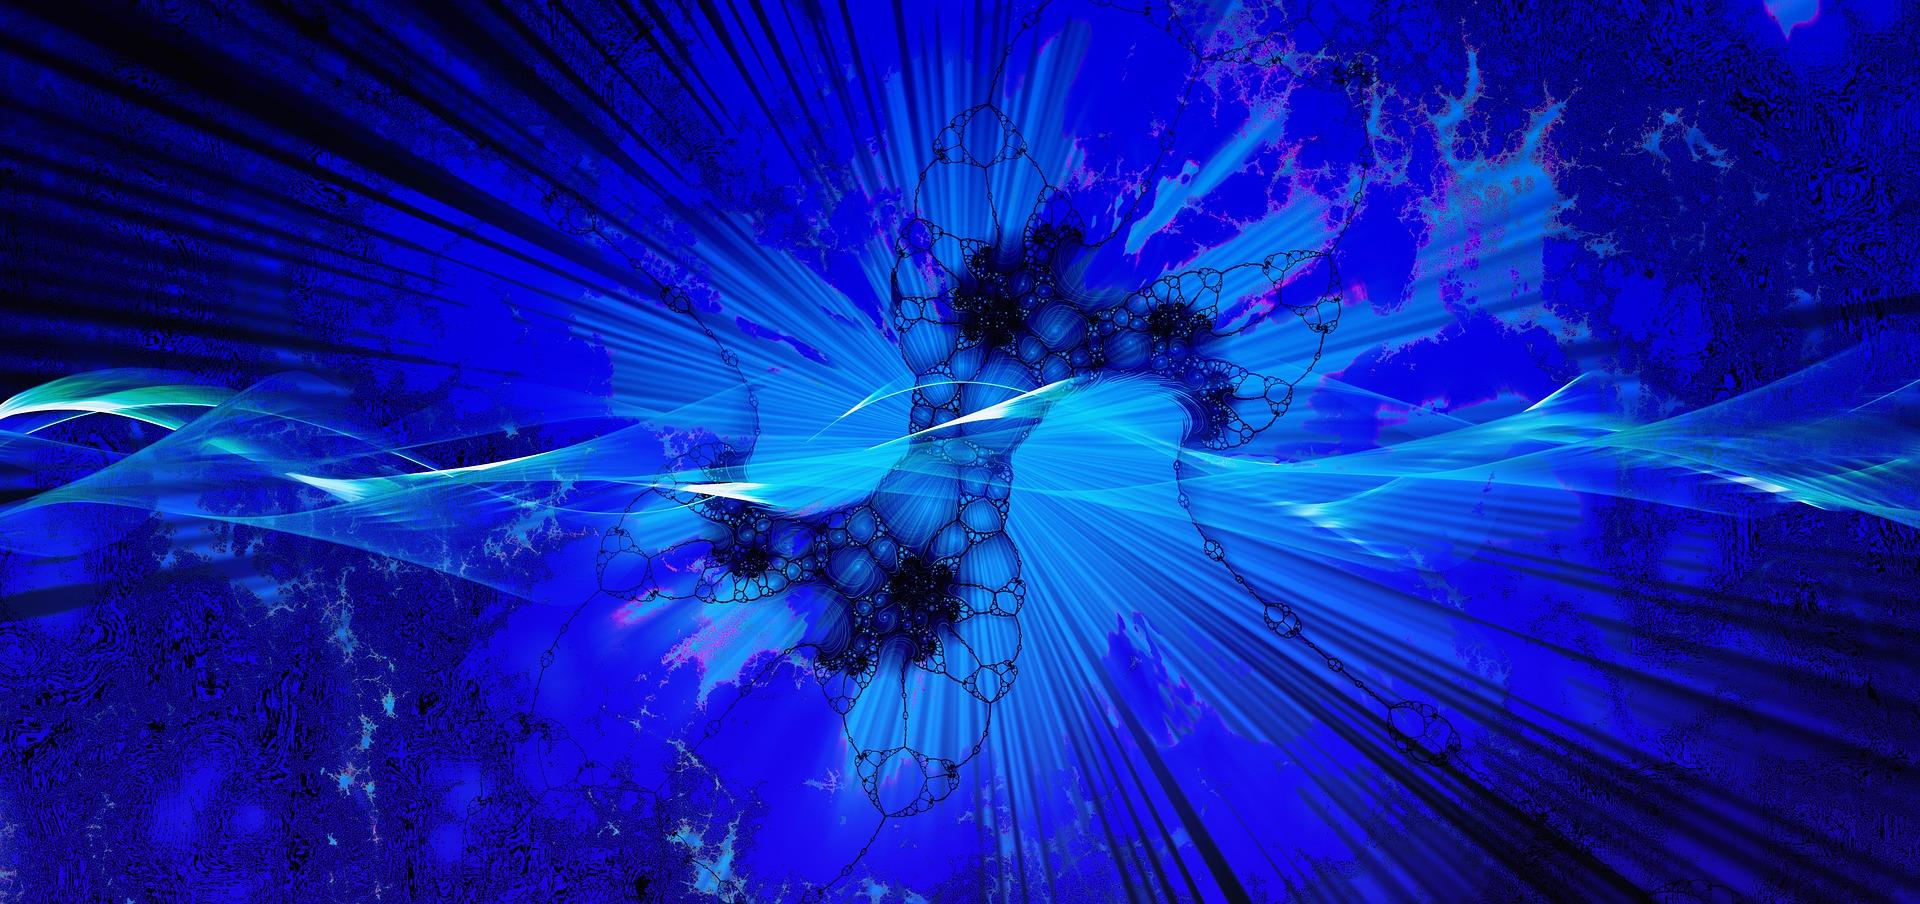 big-bang-pixabay 3089931_1920